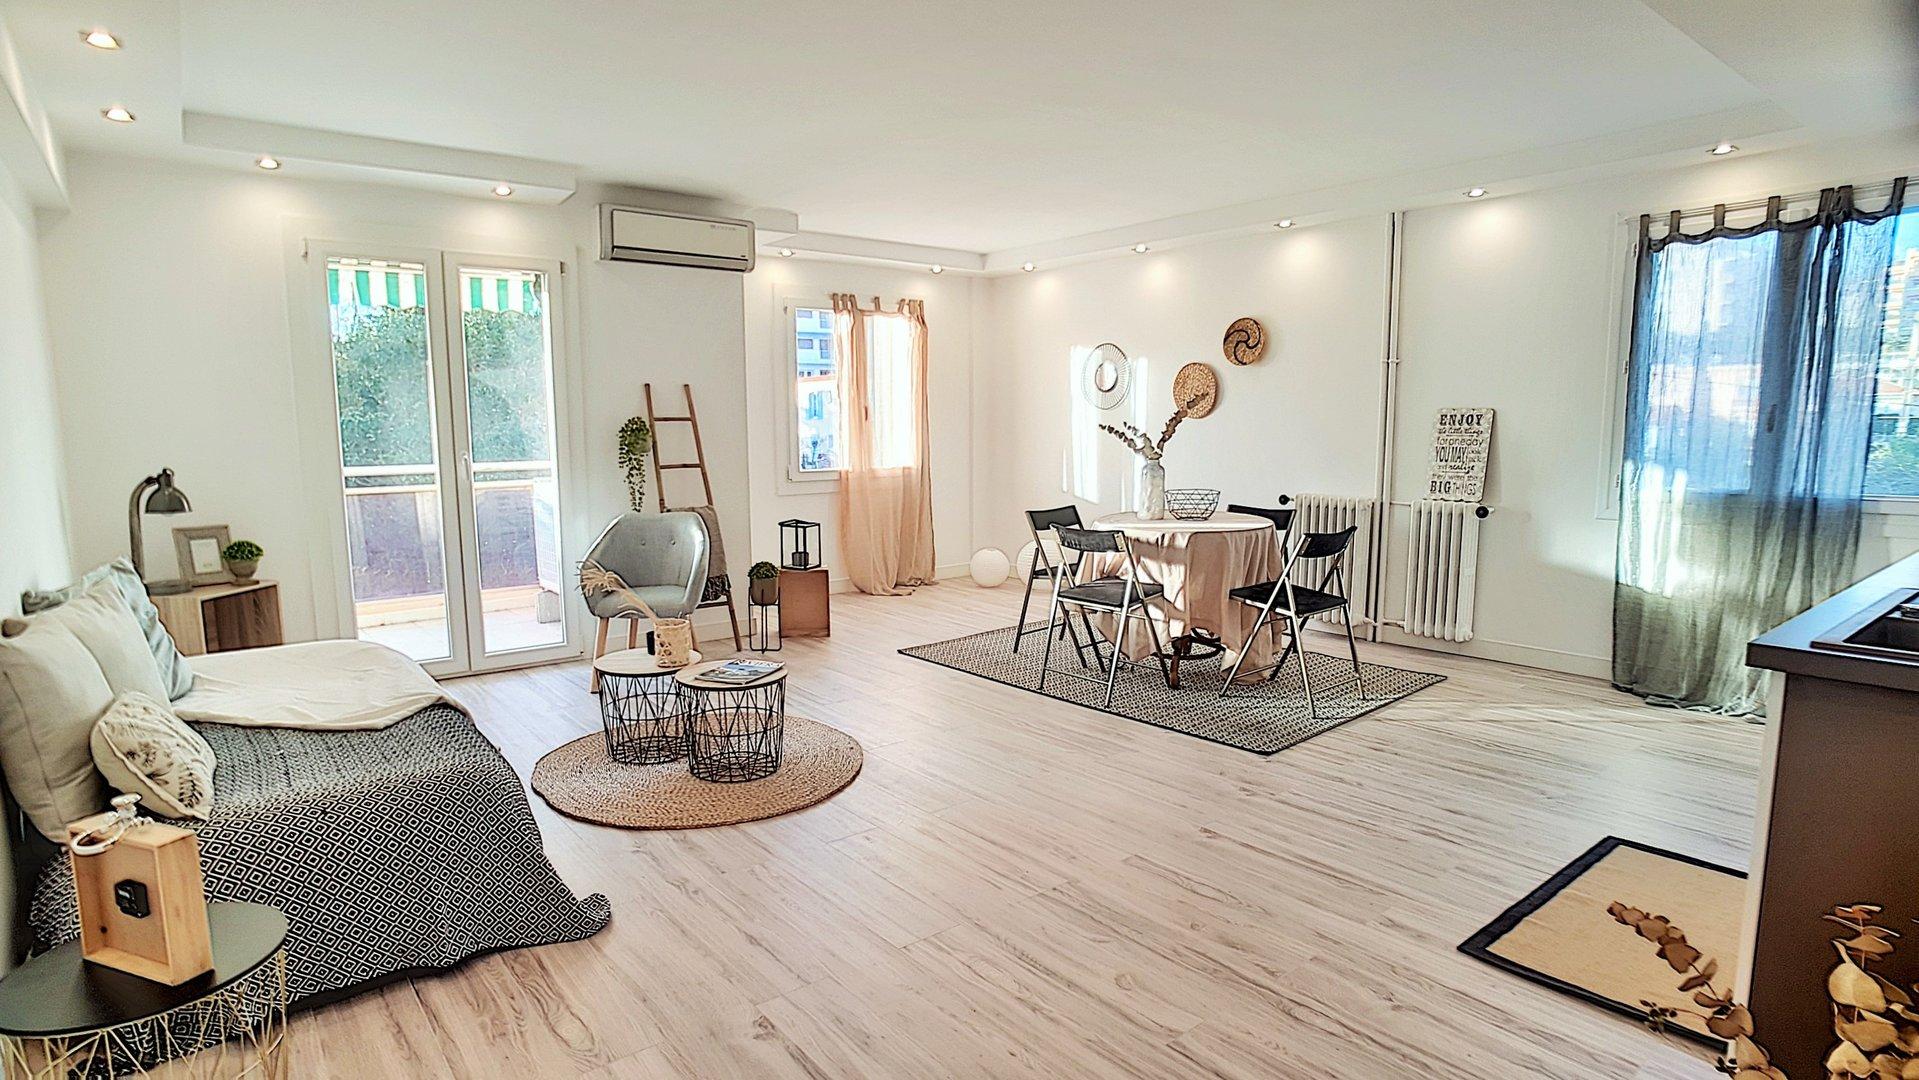 For sale, Cannes close Croisette, 2 bedrooms apartment, terrace, beaches